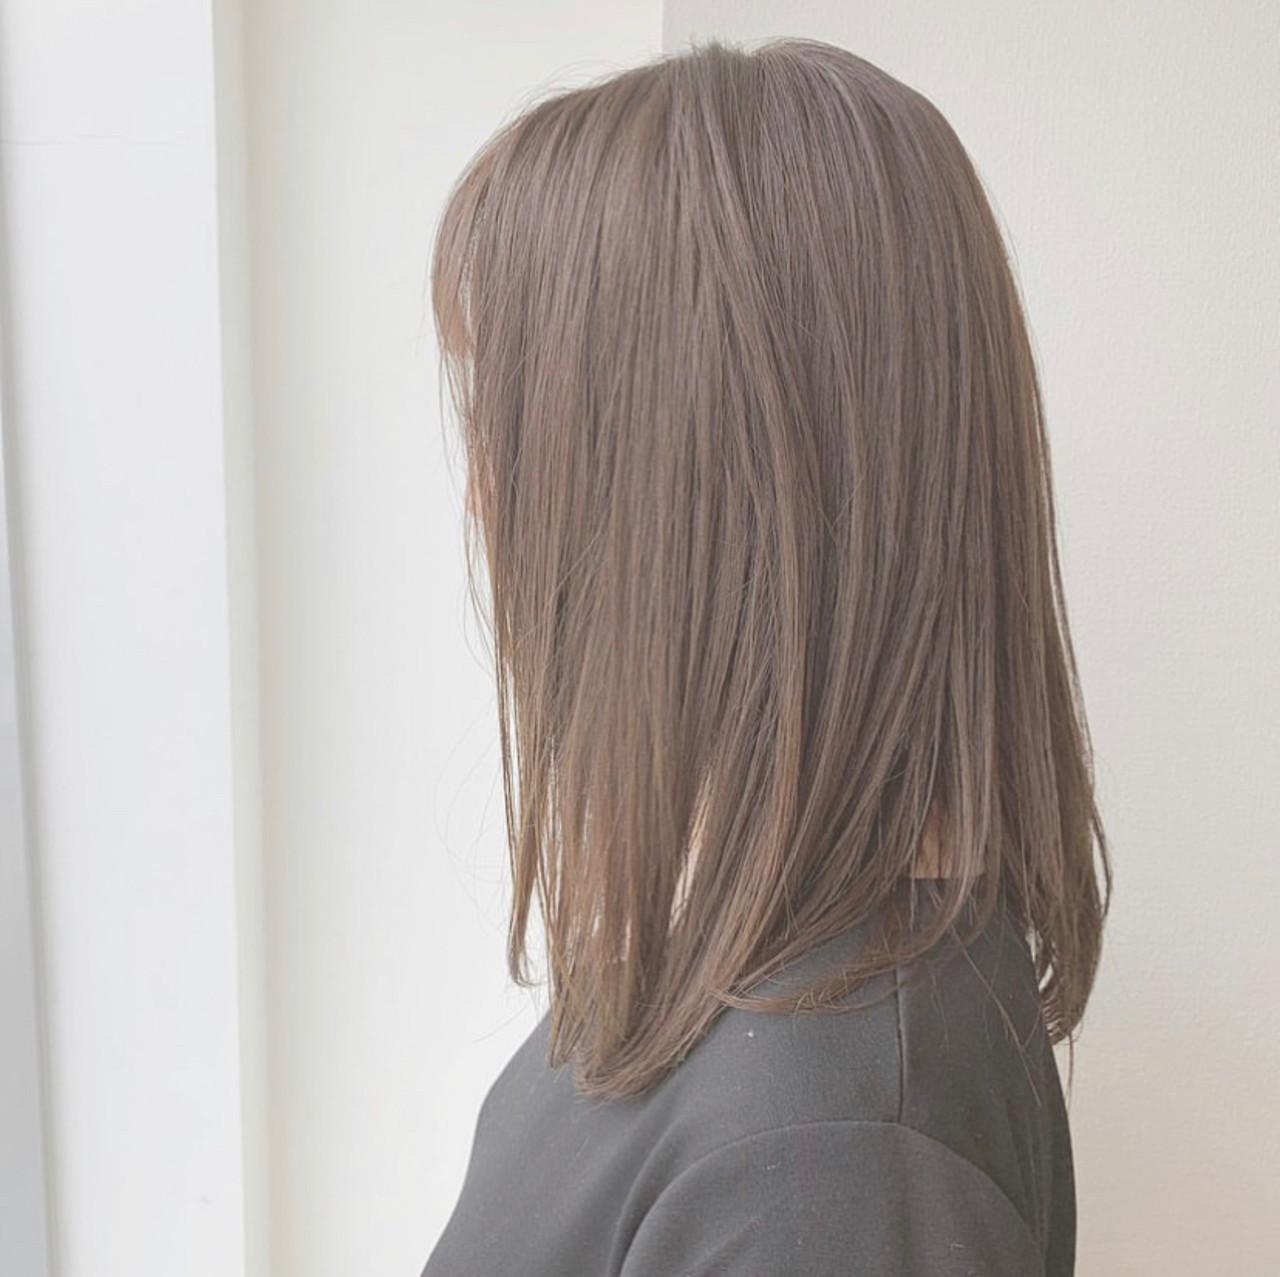 可愛い ナチュラルベージュ ストレート フェミニン ヘアスタイルや髪型の写真・画像